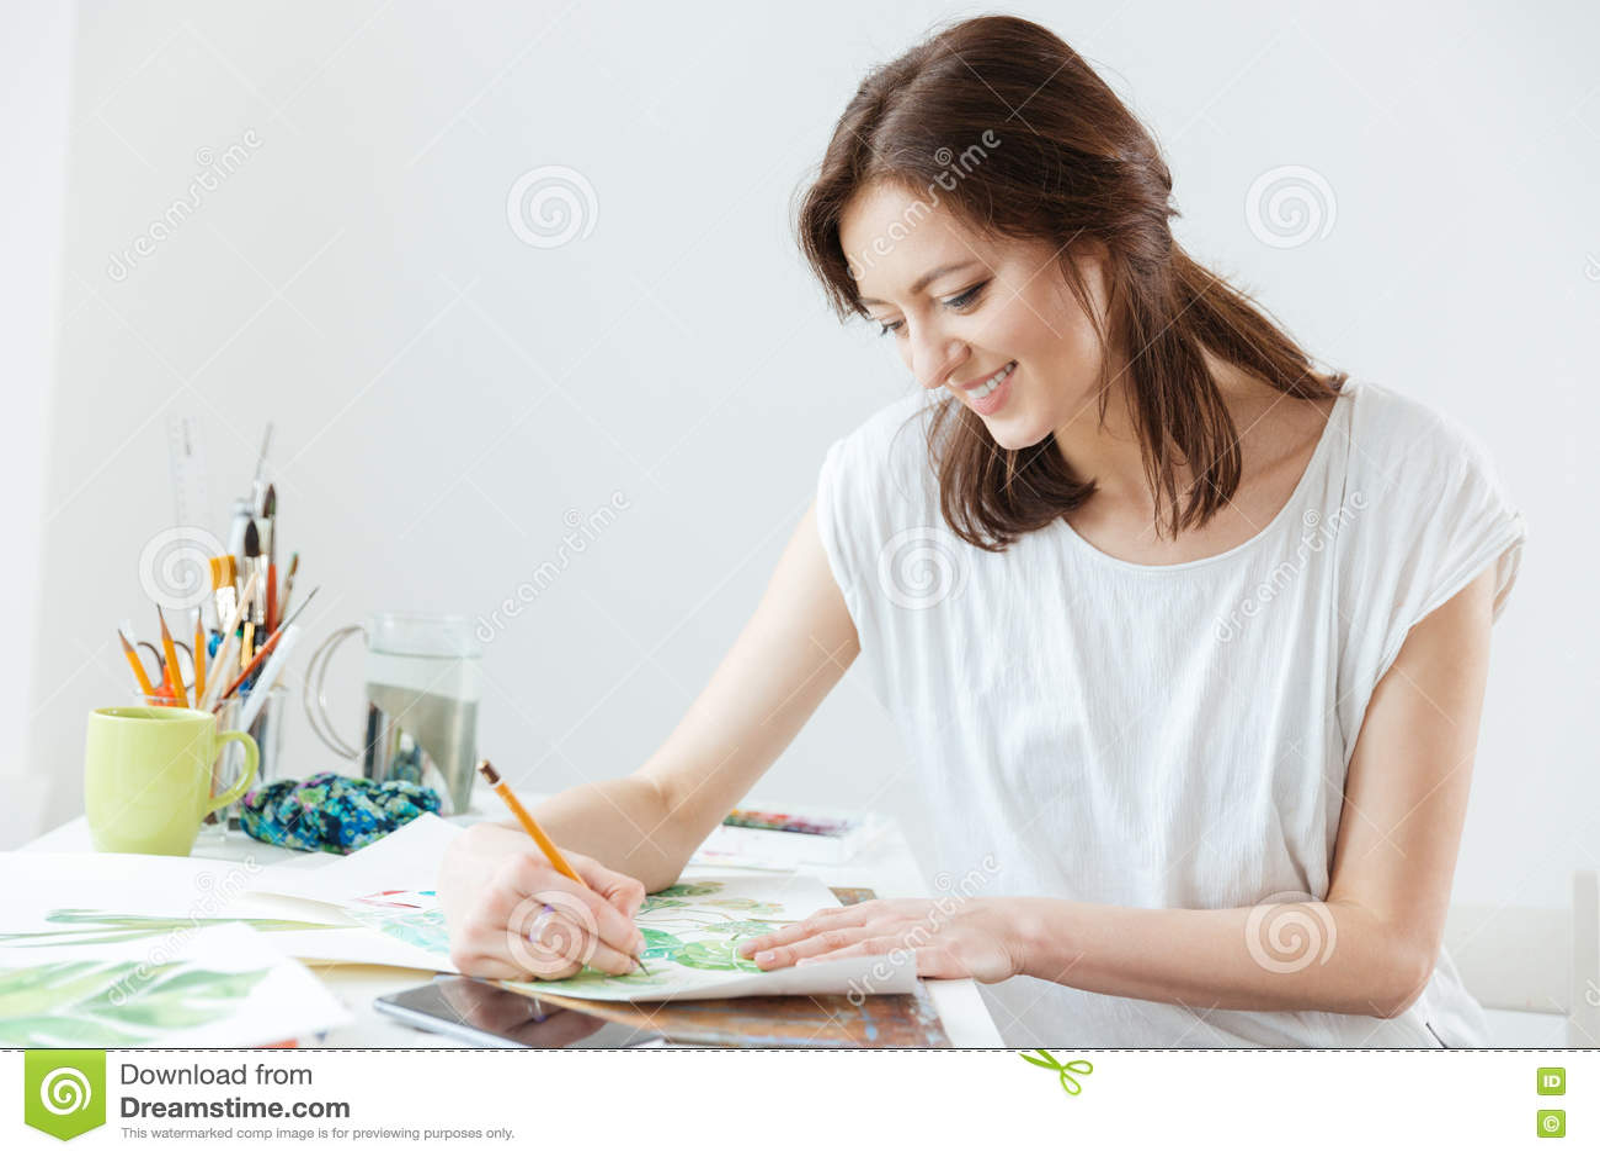 Disegno del pittore della donna alla tavola fotografia stock immagine 69876842 - Alla tavola della longevita ...